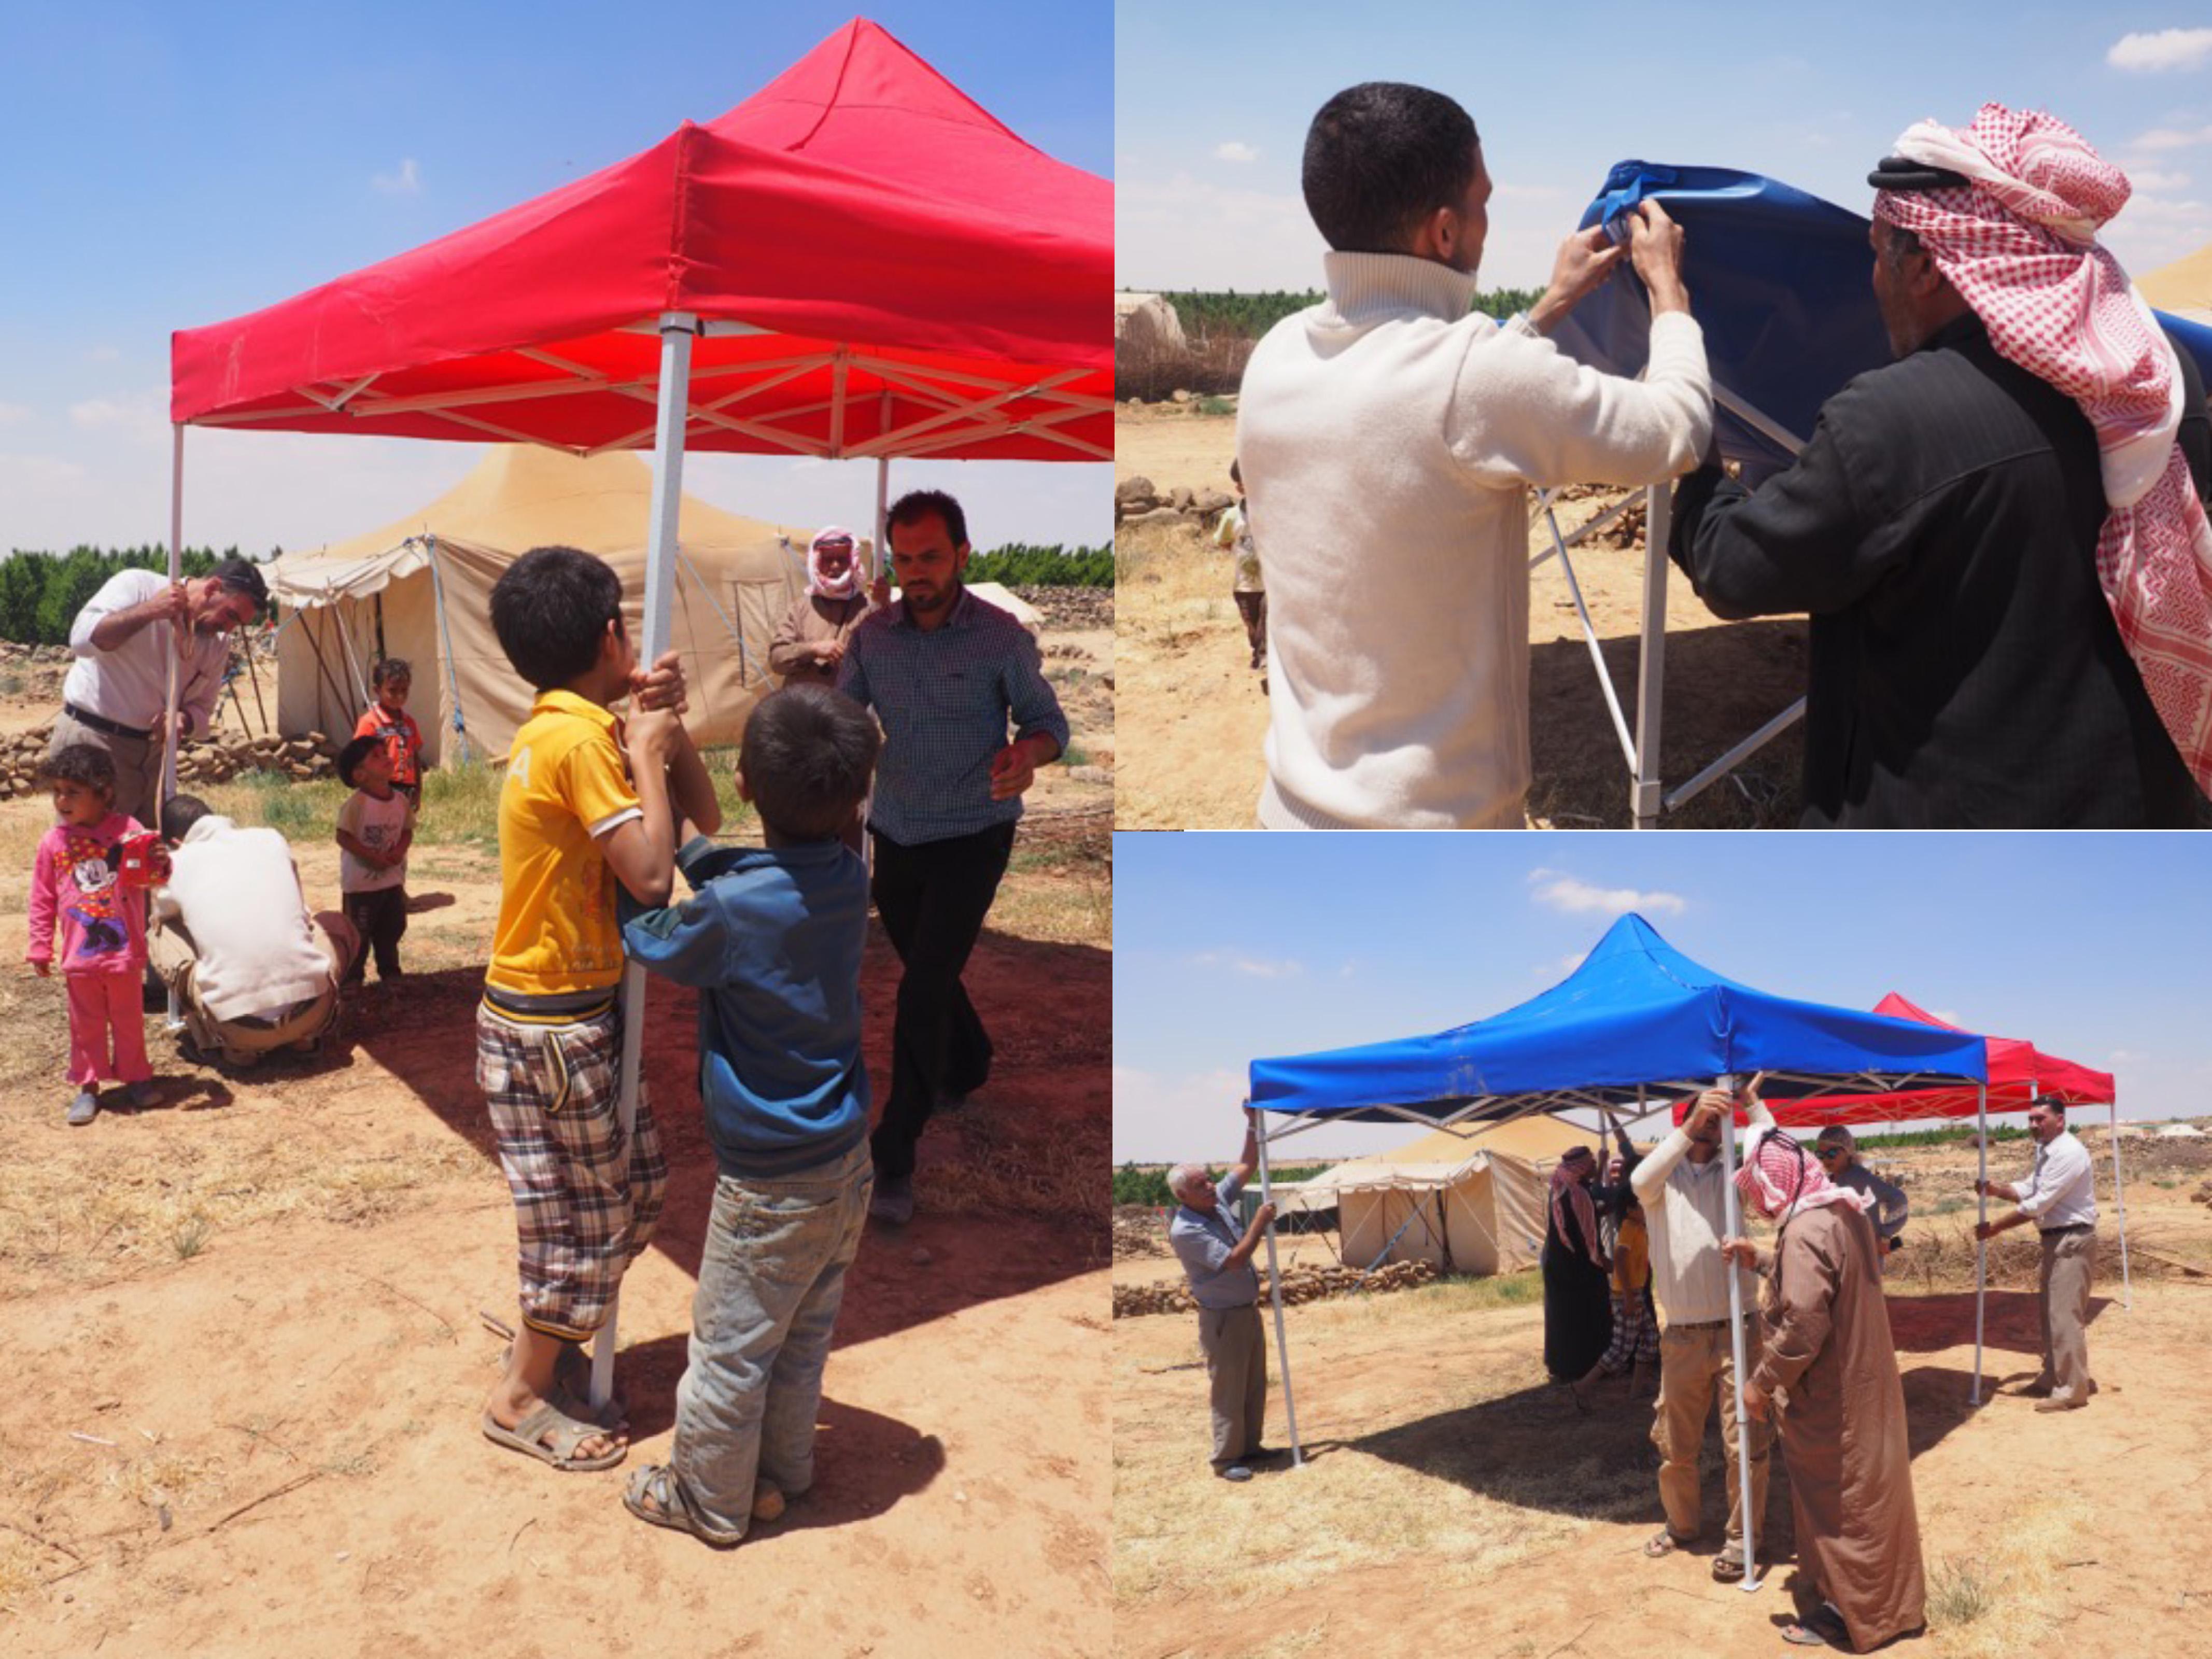 Friendly_spaces_in_the_desert-2.jpg